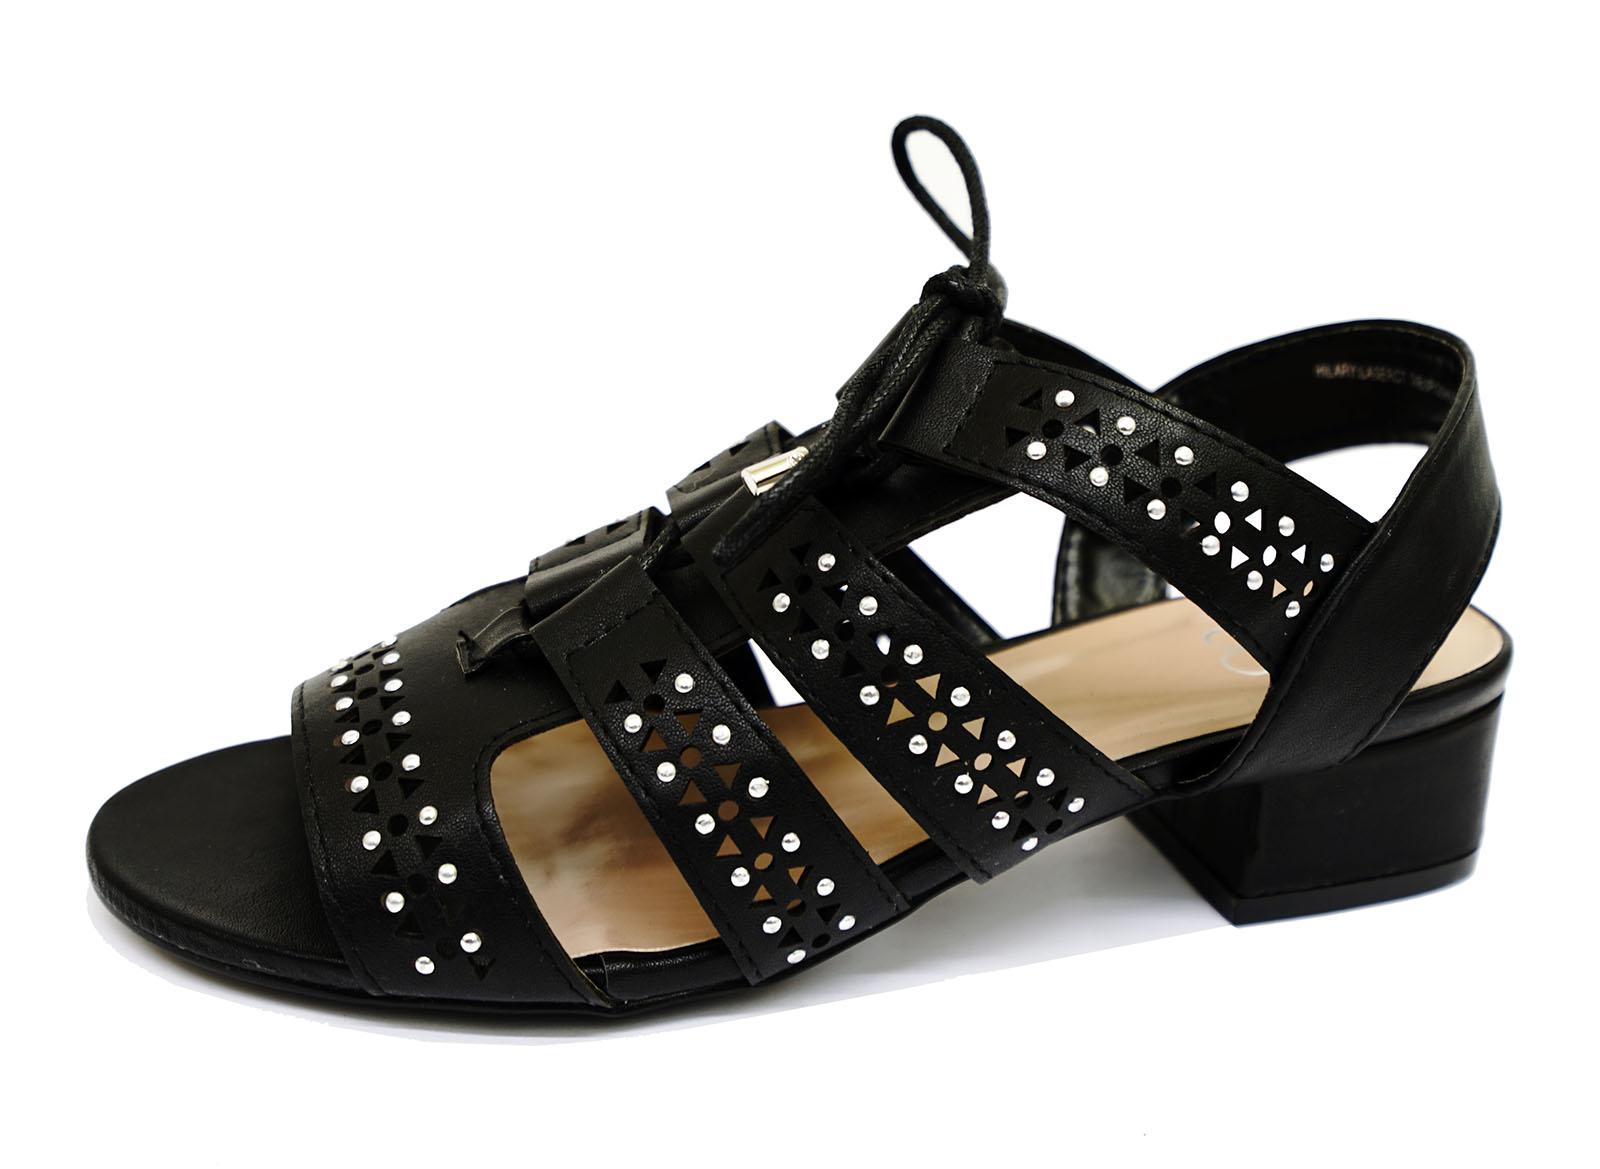 Eee Width Ladies Shoes